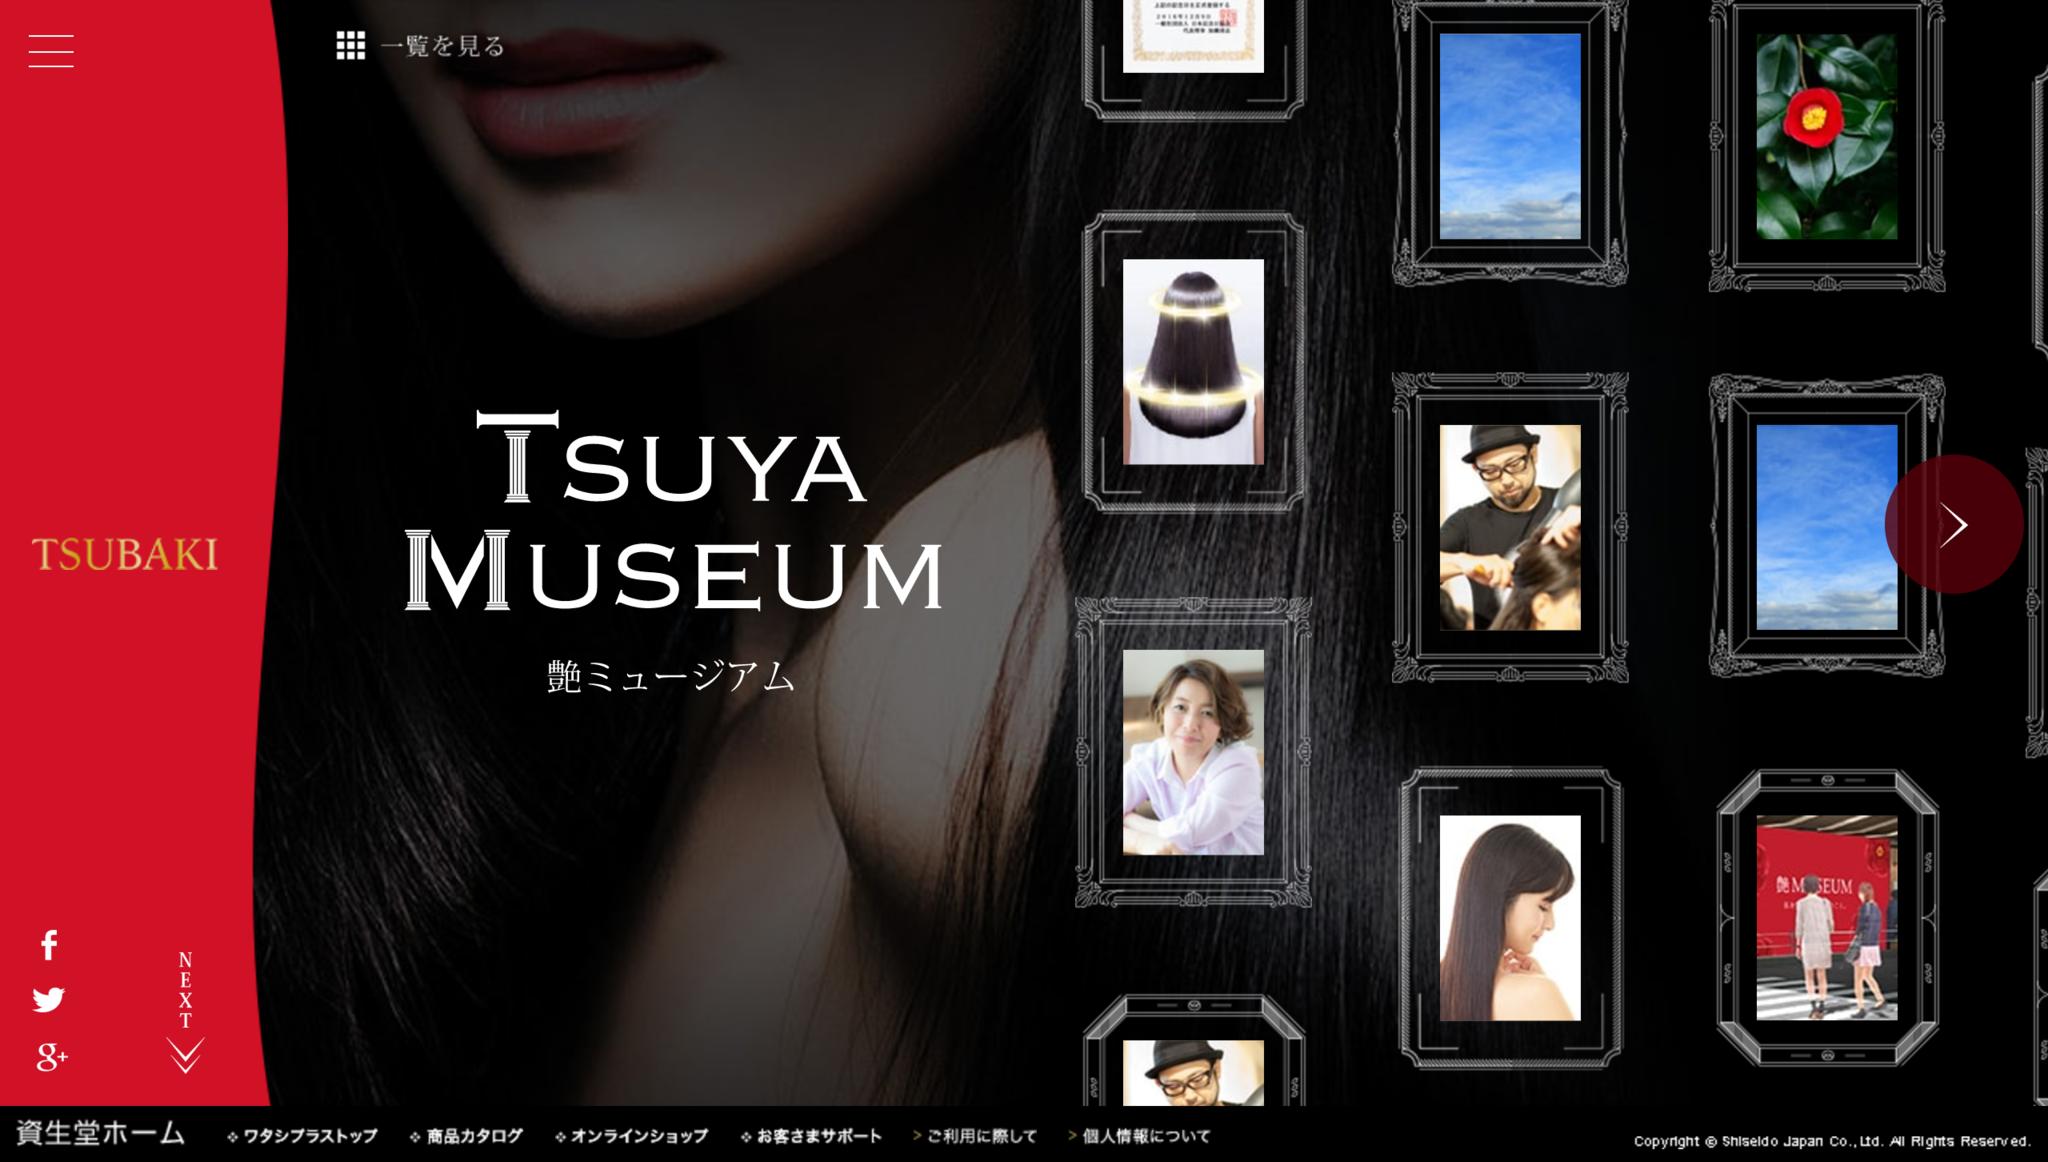 艶ミュージアム|TSUBAKI|資生堂.png